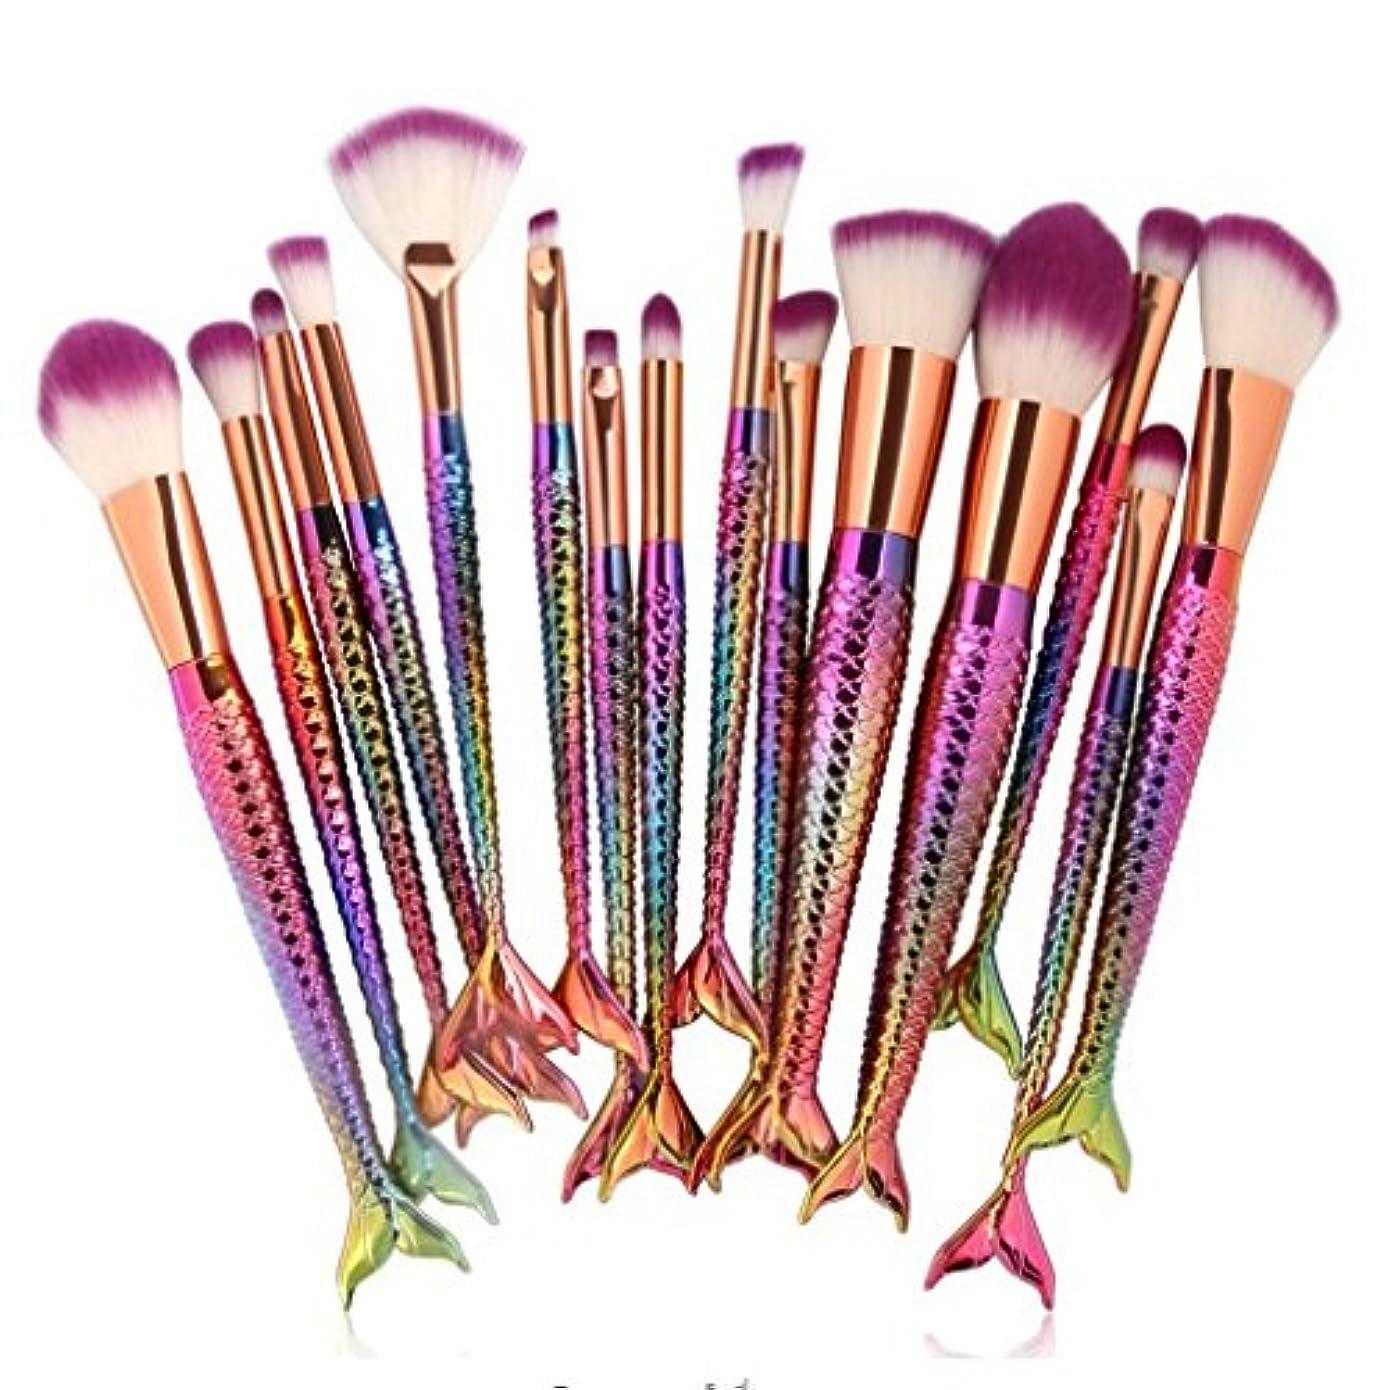 想定する深める残酷な15pcs Mermaid Makeup Brushes Set Eyeshadow Eyeliner Blush Blending Contour Foundation Cosmetic Beauty Make Up Brush Tools Kit